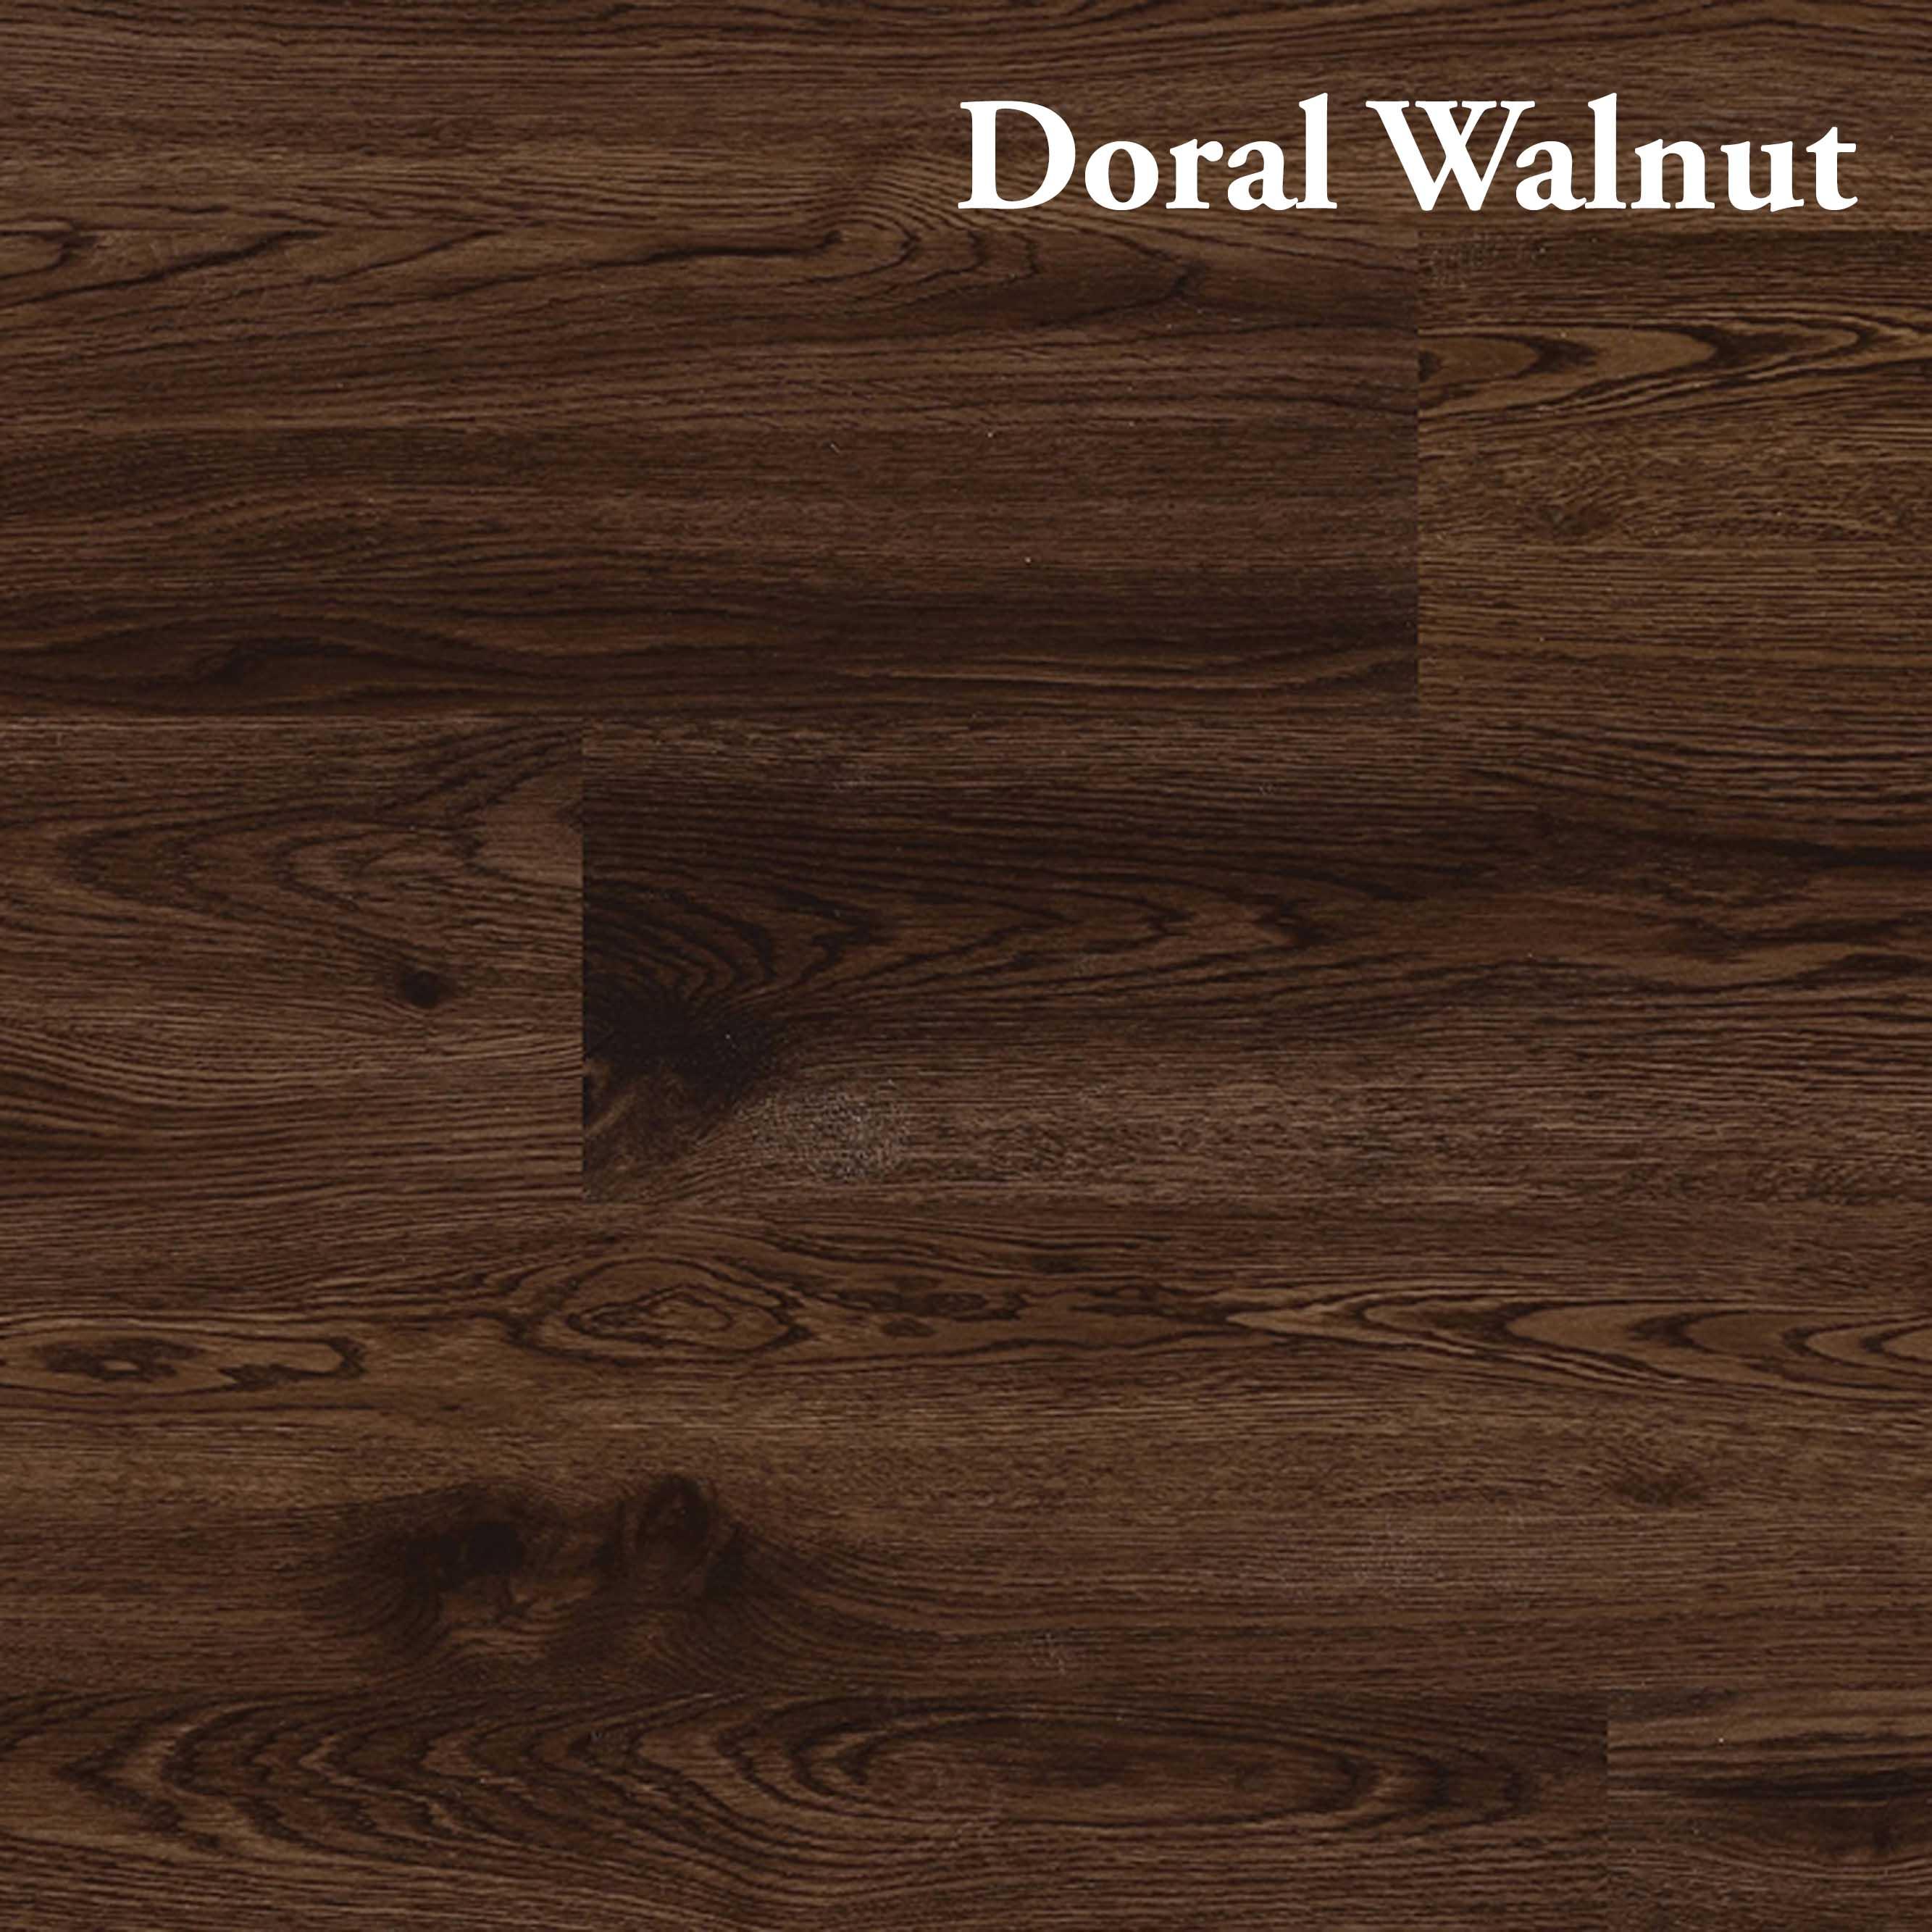 Coretec One Luxury Vinyl Plank Capitol City Lumber